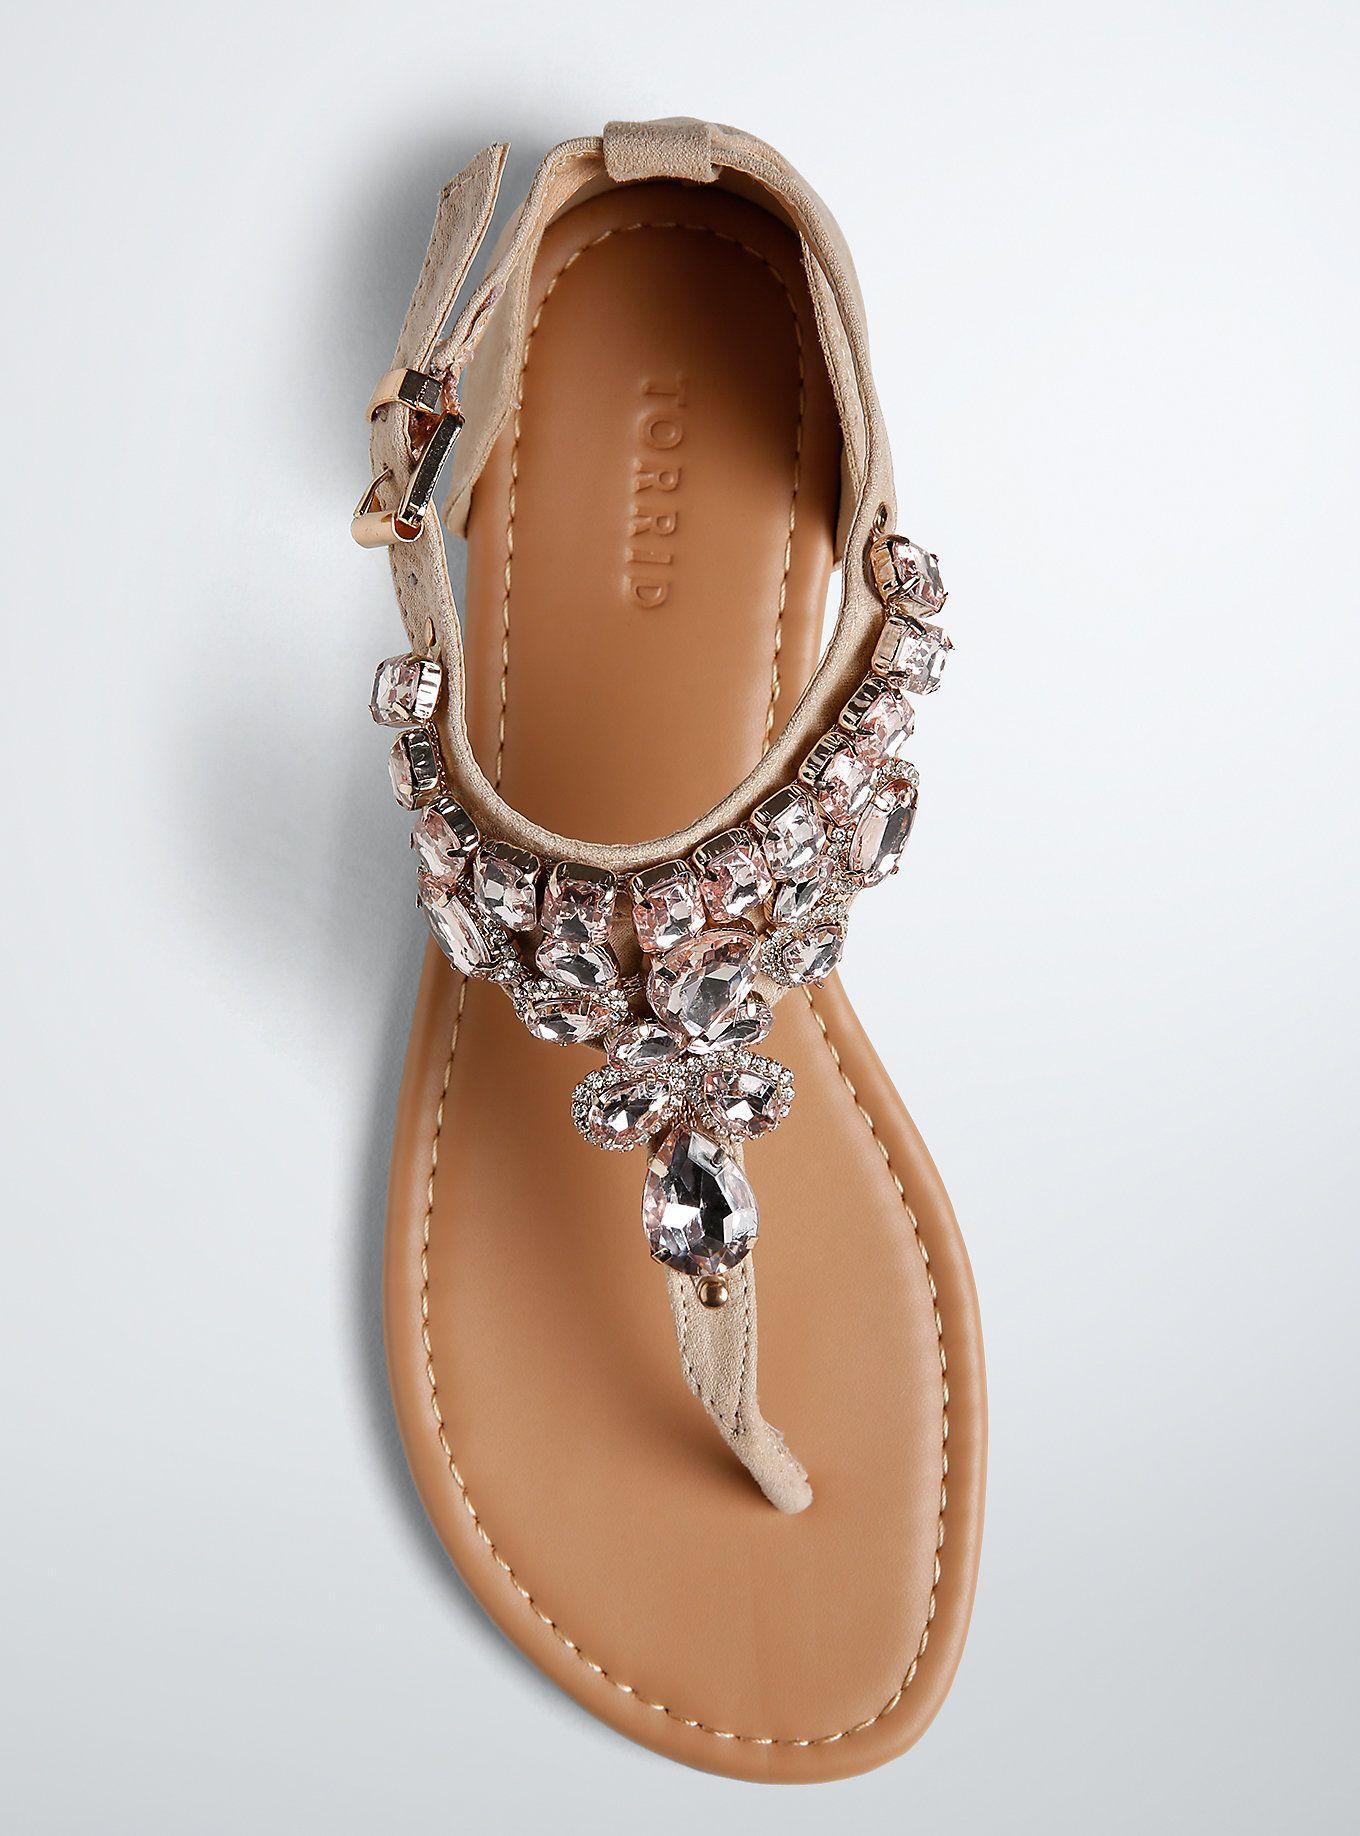 ff83ee236 Cute Wide Shoes - Metallic Gemstone Sandals (Wide Width)